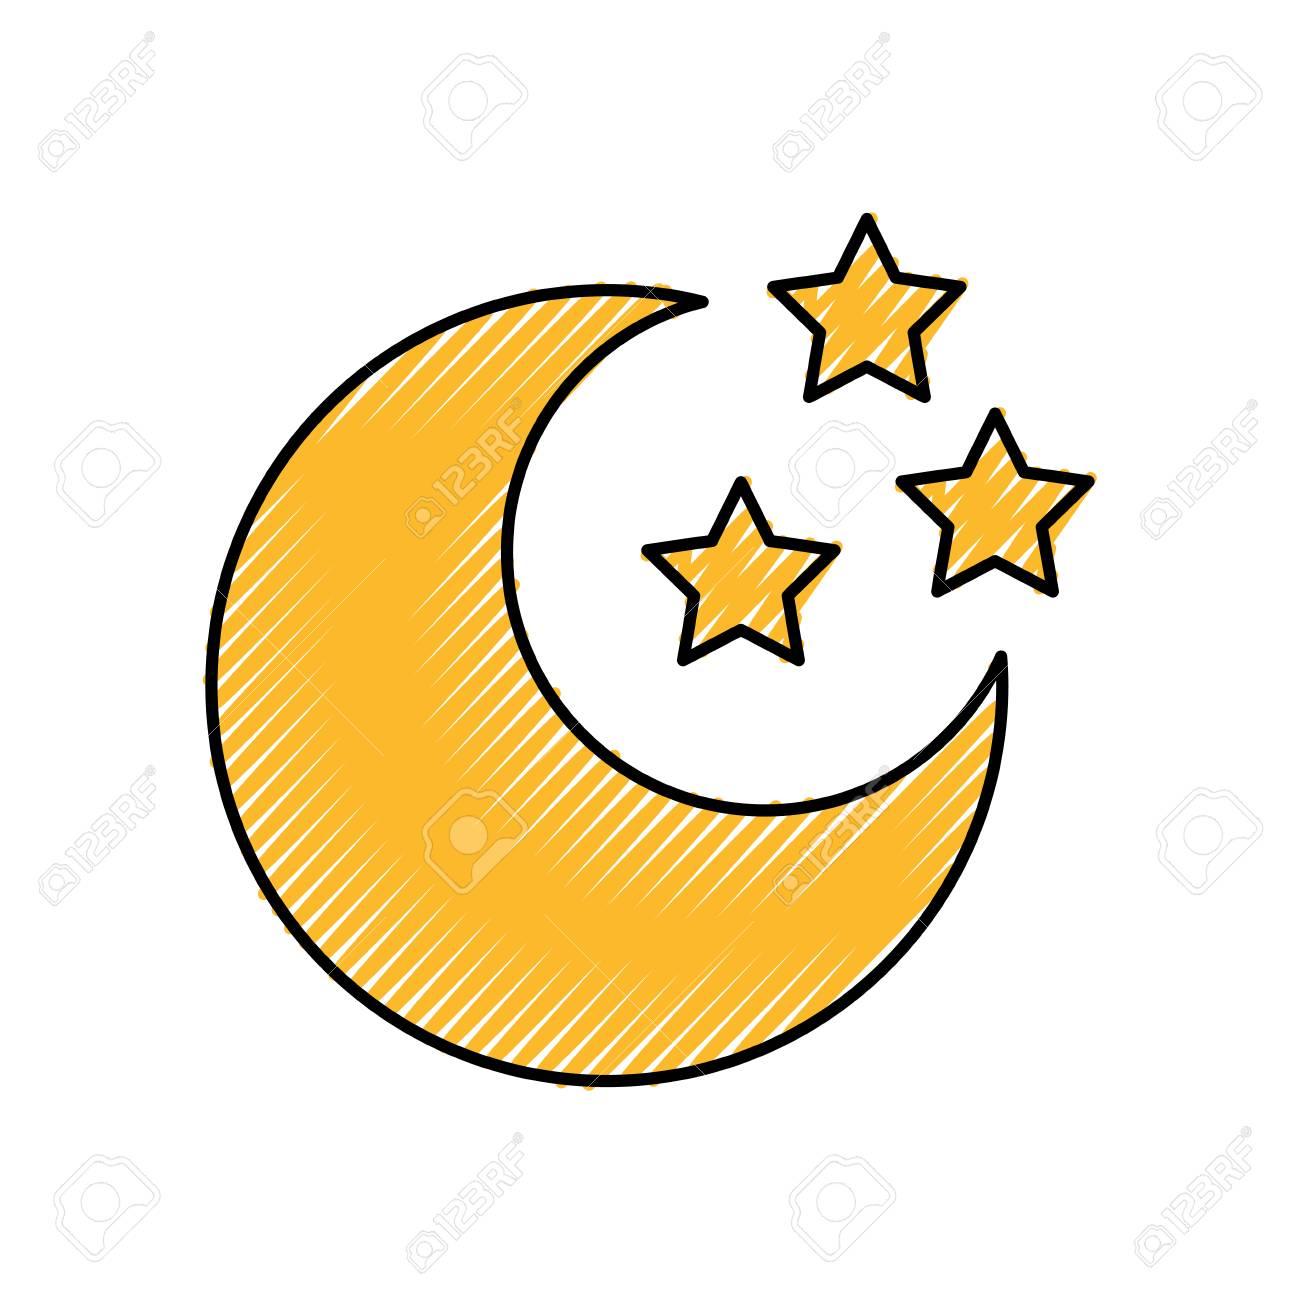 かわいい月星ベクトル イラスト デザイン ロイヤリティフリークリップ